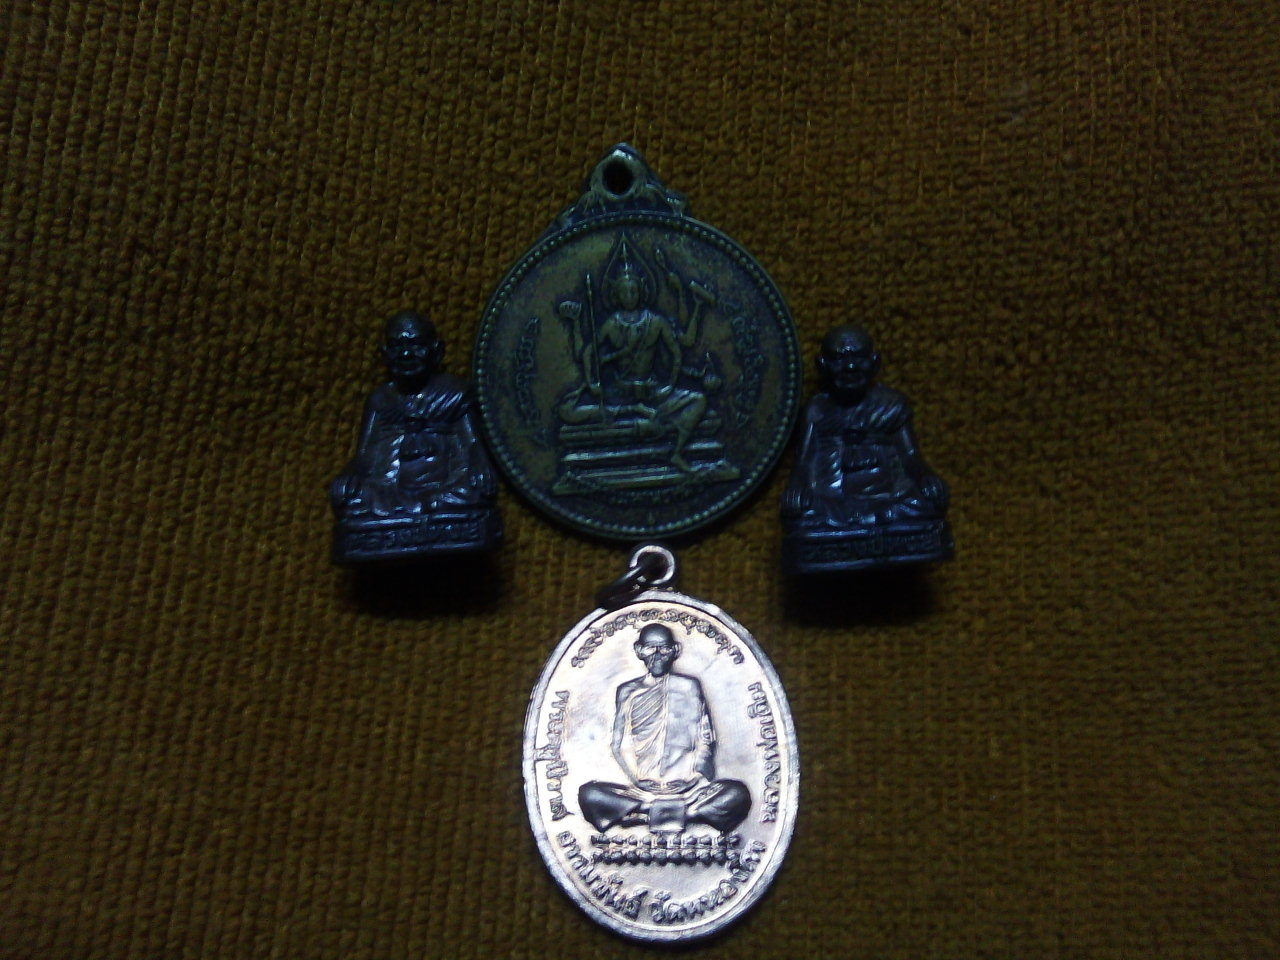 รูปหล่อหลวงปู่กเ เพรียญจักรเพชร เหรียญหลวงพ่อเดิมชนวนเก่าเก็บ